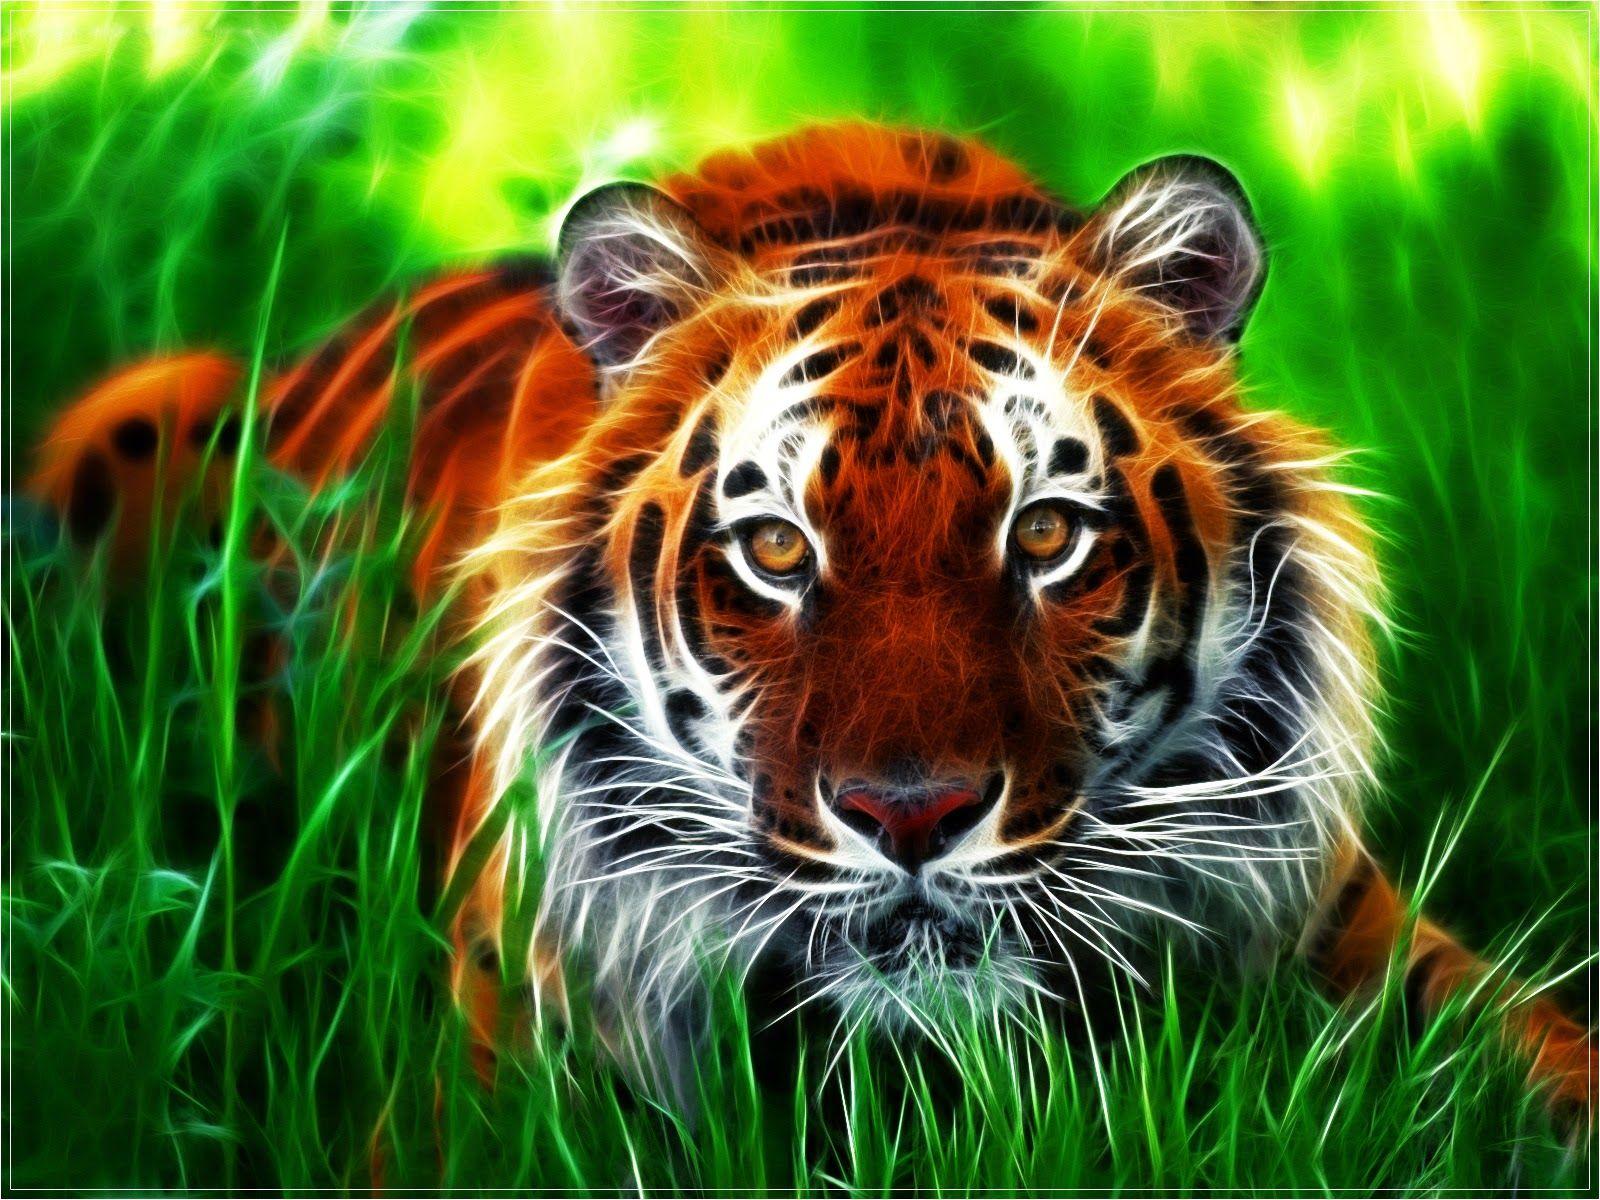 Hd Wallpapers 1080p Hd Wallpapers Fraktal Gambar Kucing Besar